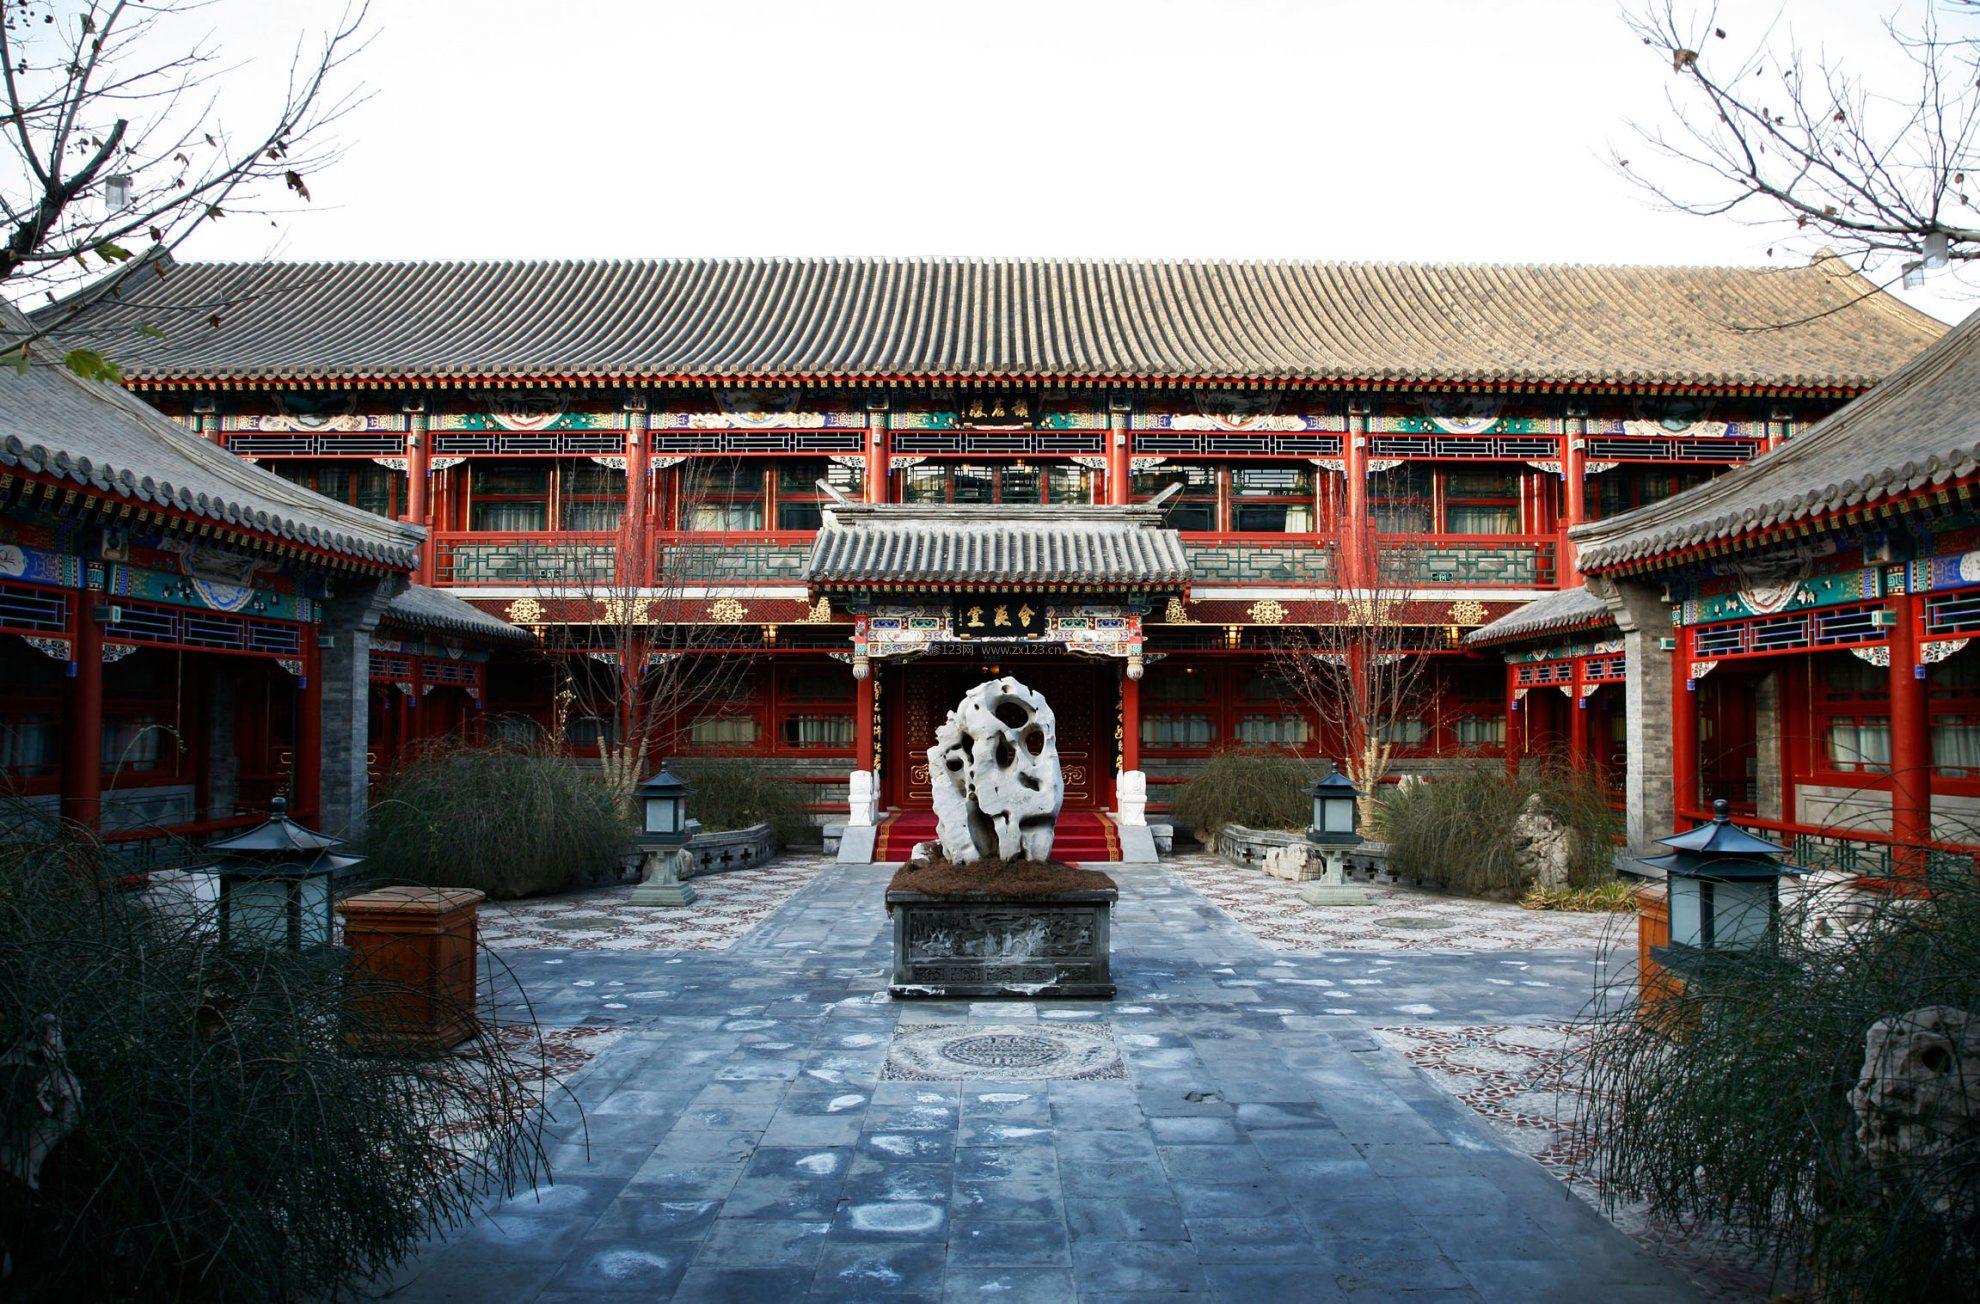 2017北京四合院国家a国家图片别墅停止别墅图片